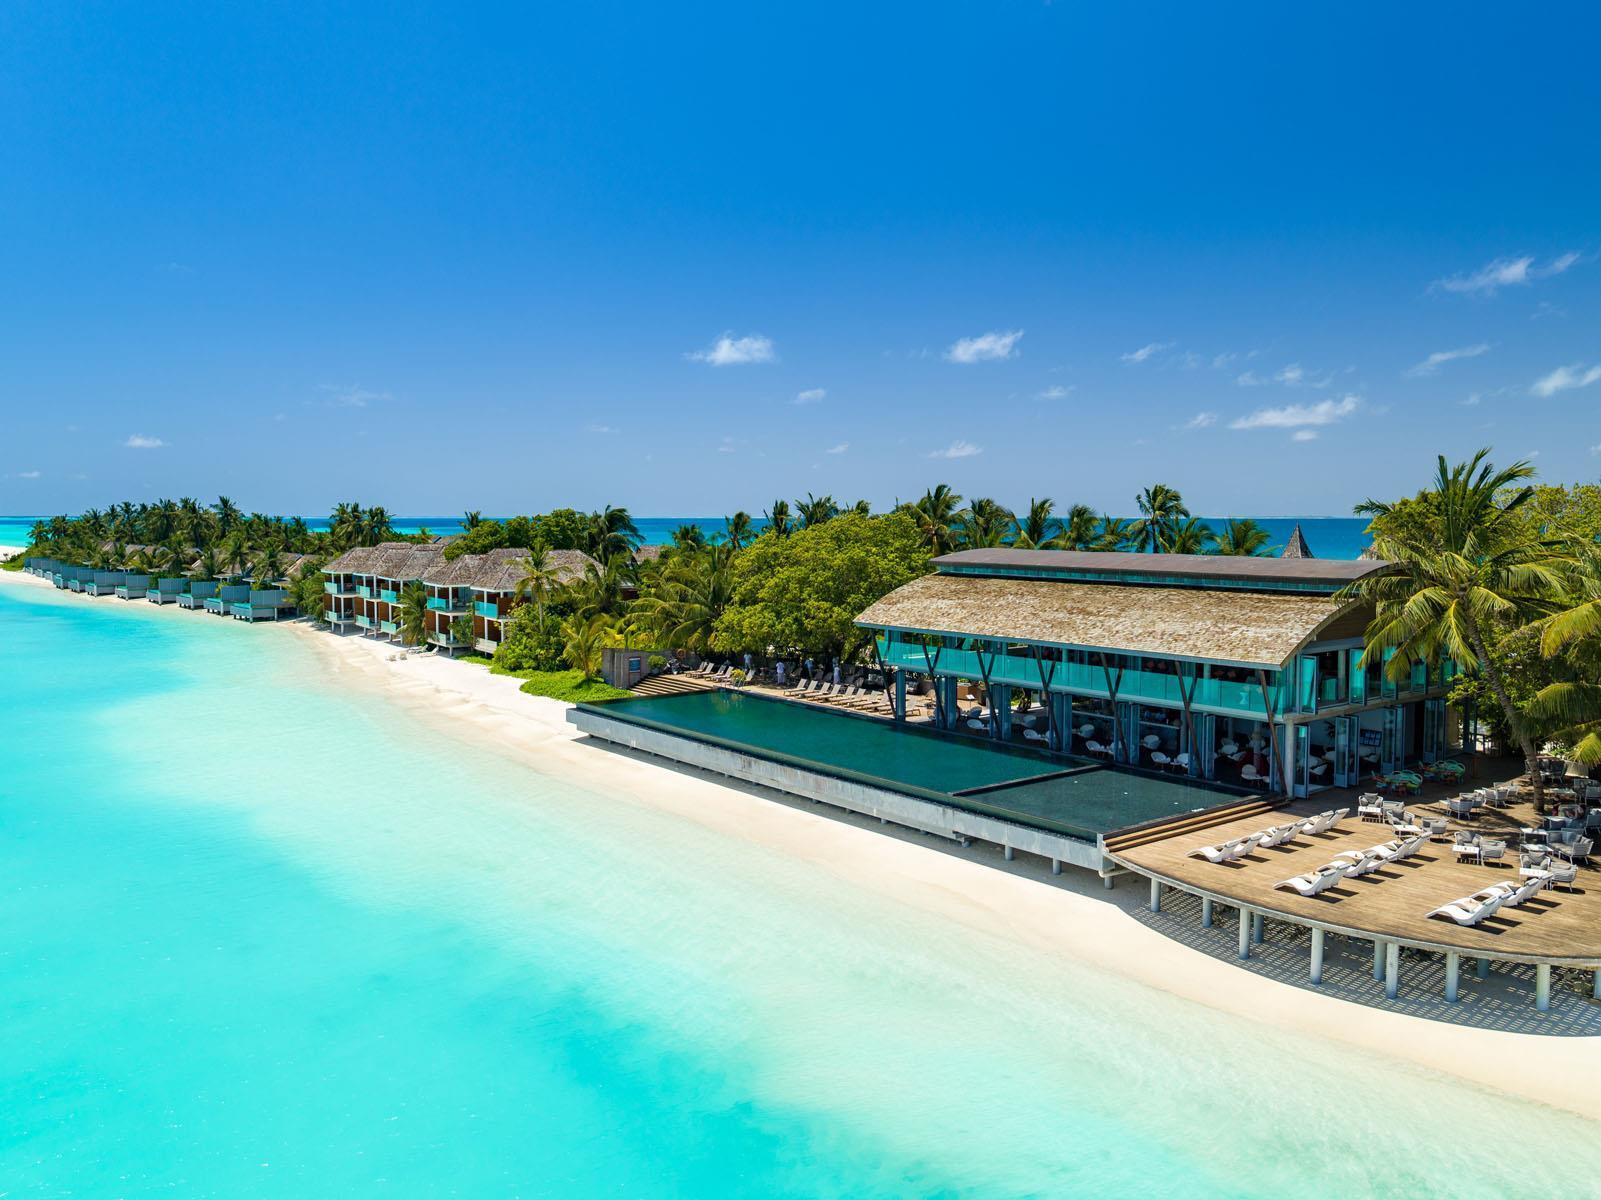 kuramathi-island-maldives-genel-009